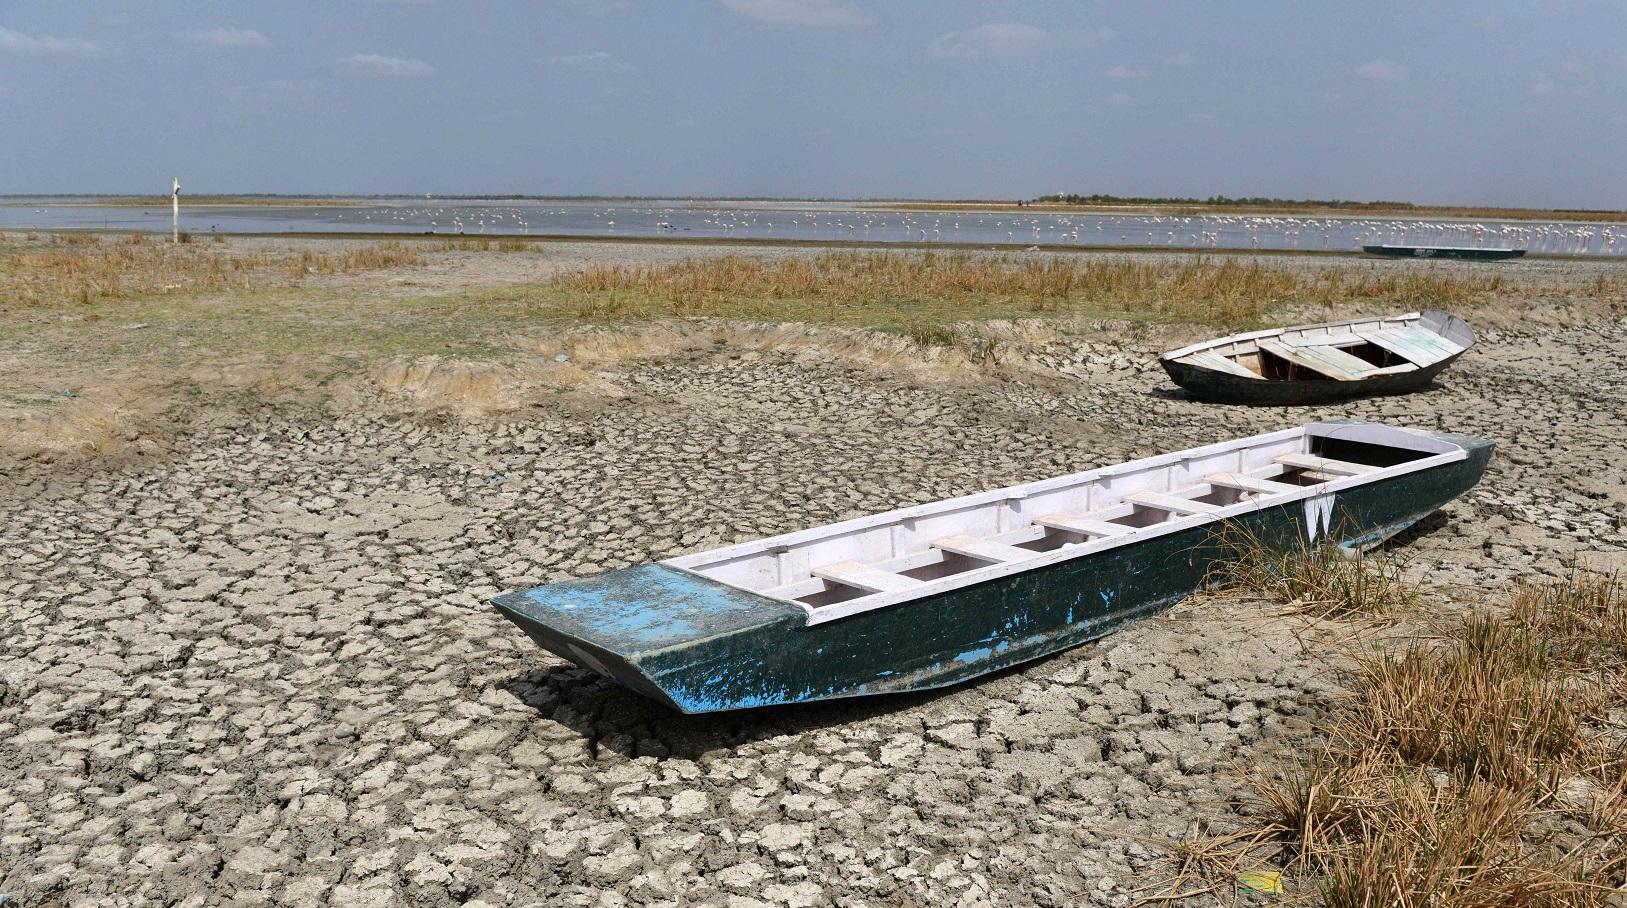 Barcos de turistas encalhados na Índia por conta da seca. Foto de Sam Panthaky/AFP